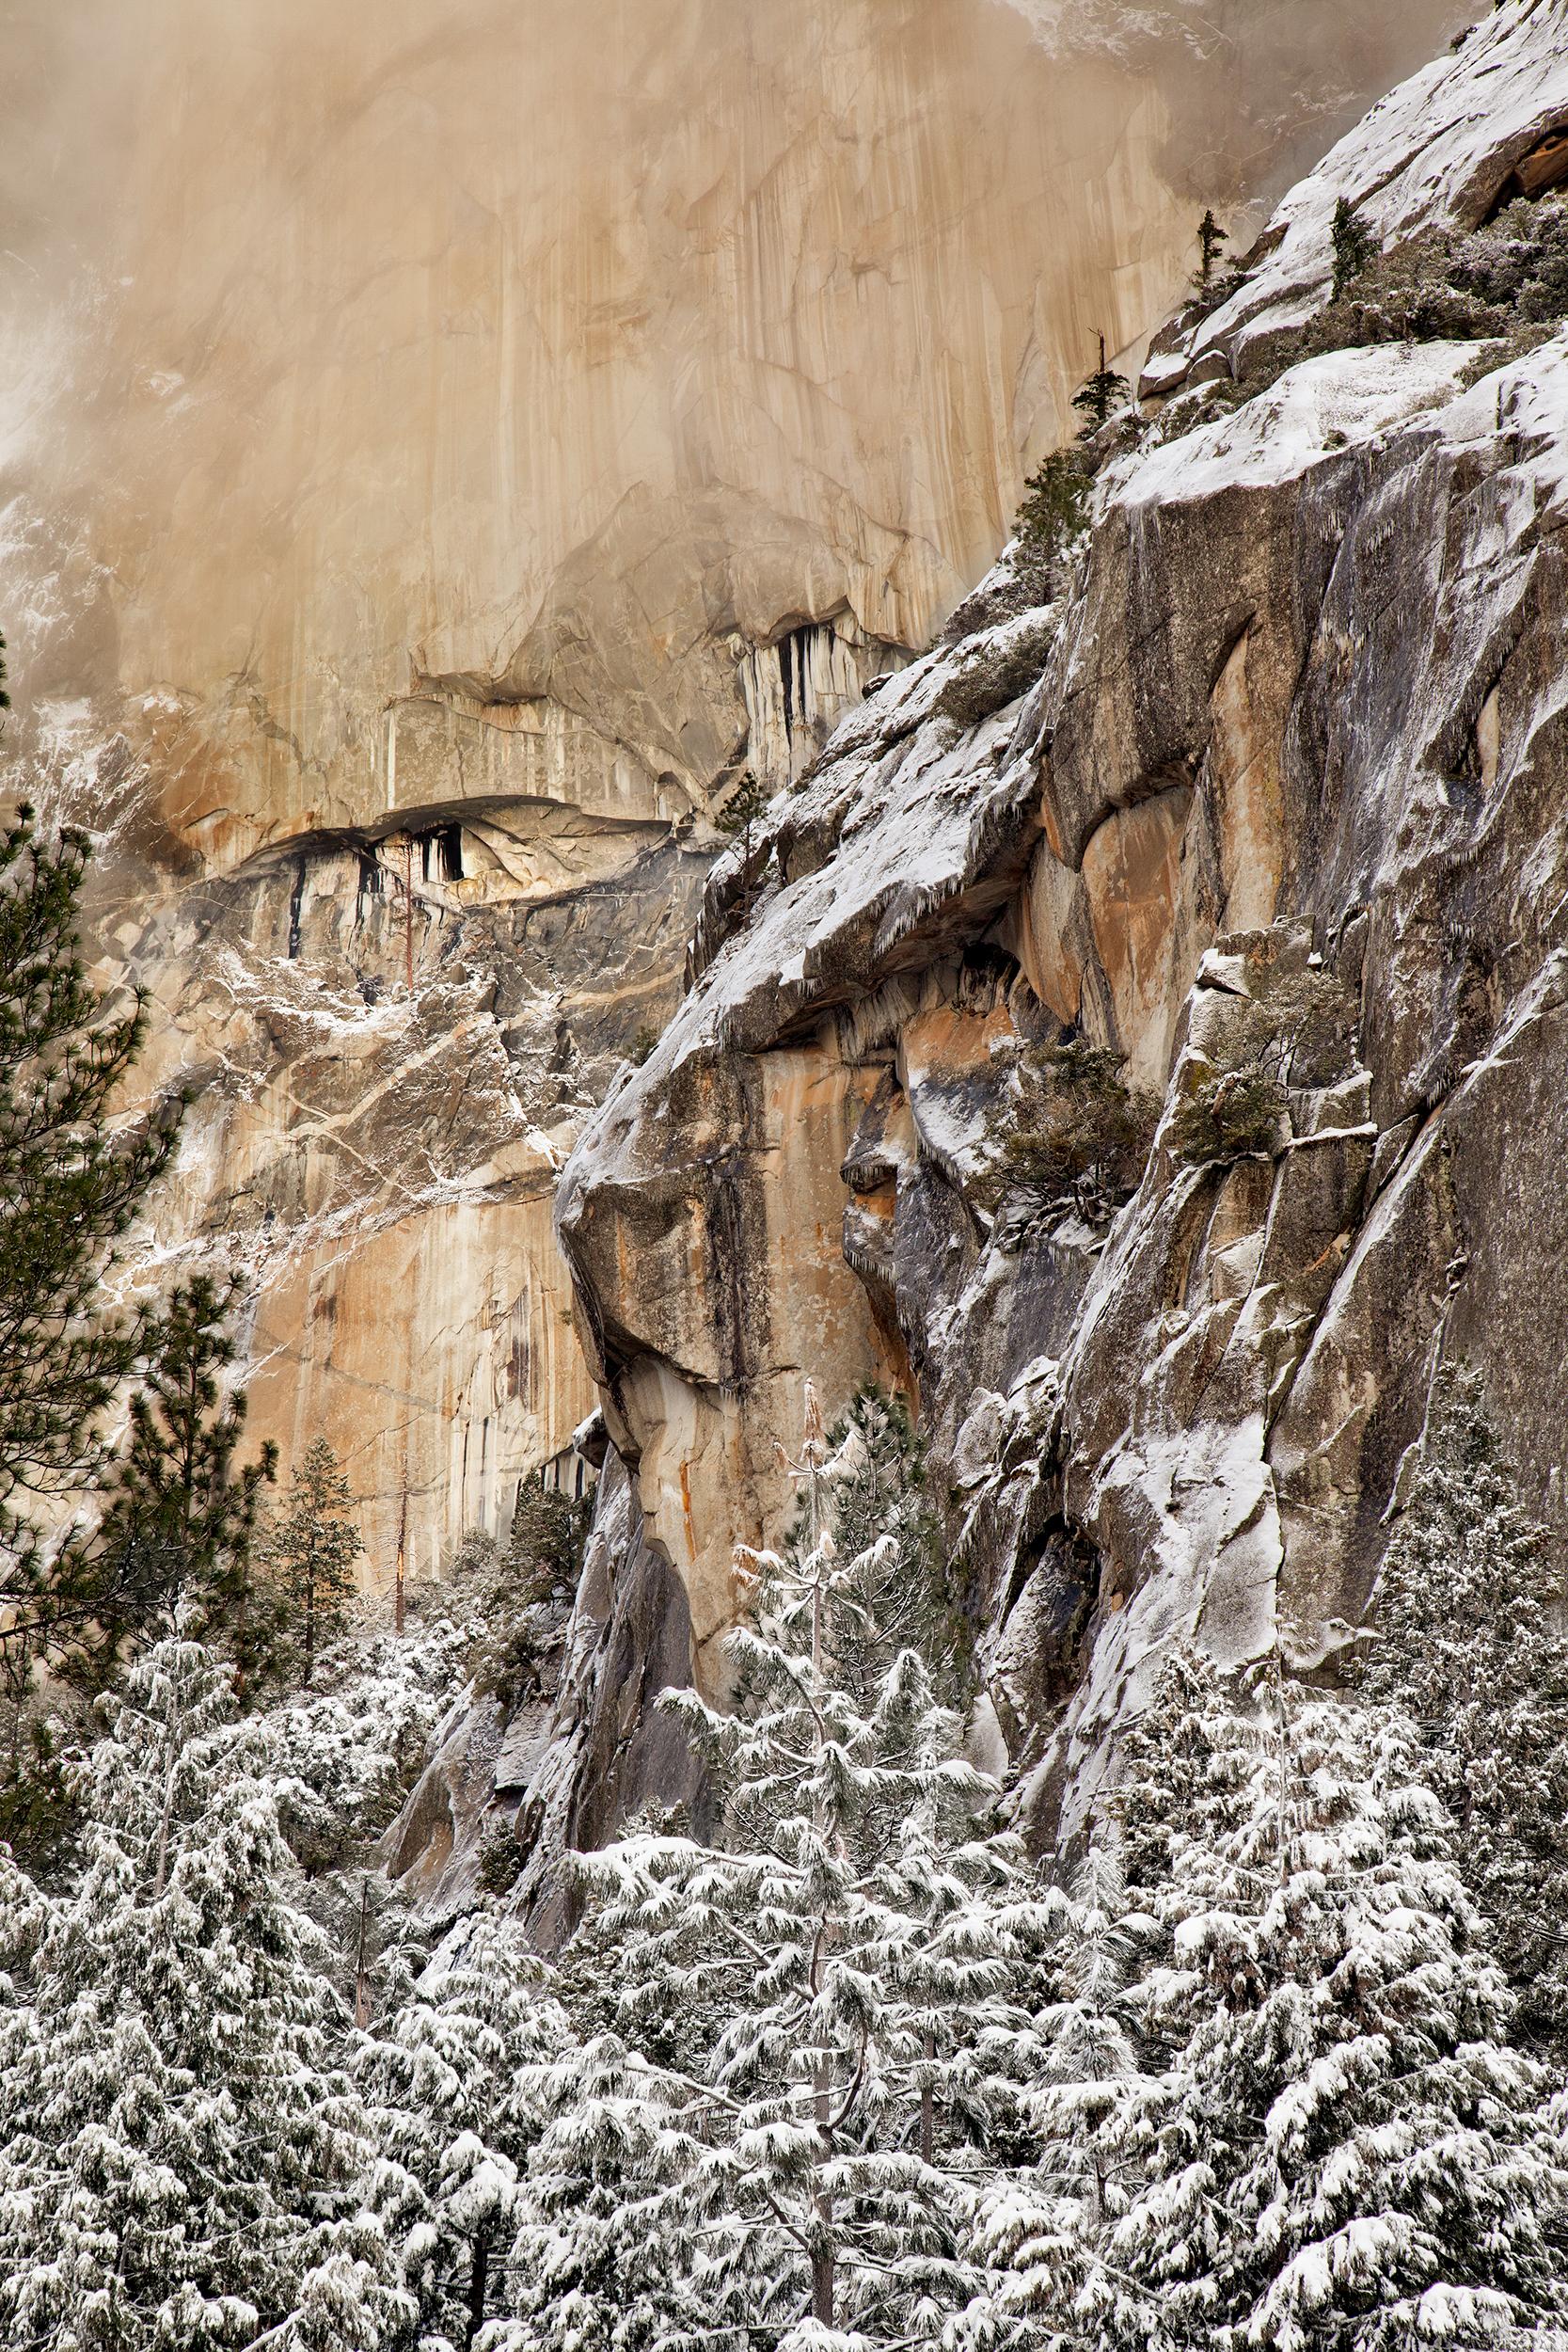 Winter Trees and El Capitan (9427)